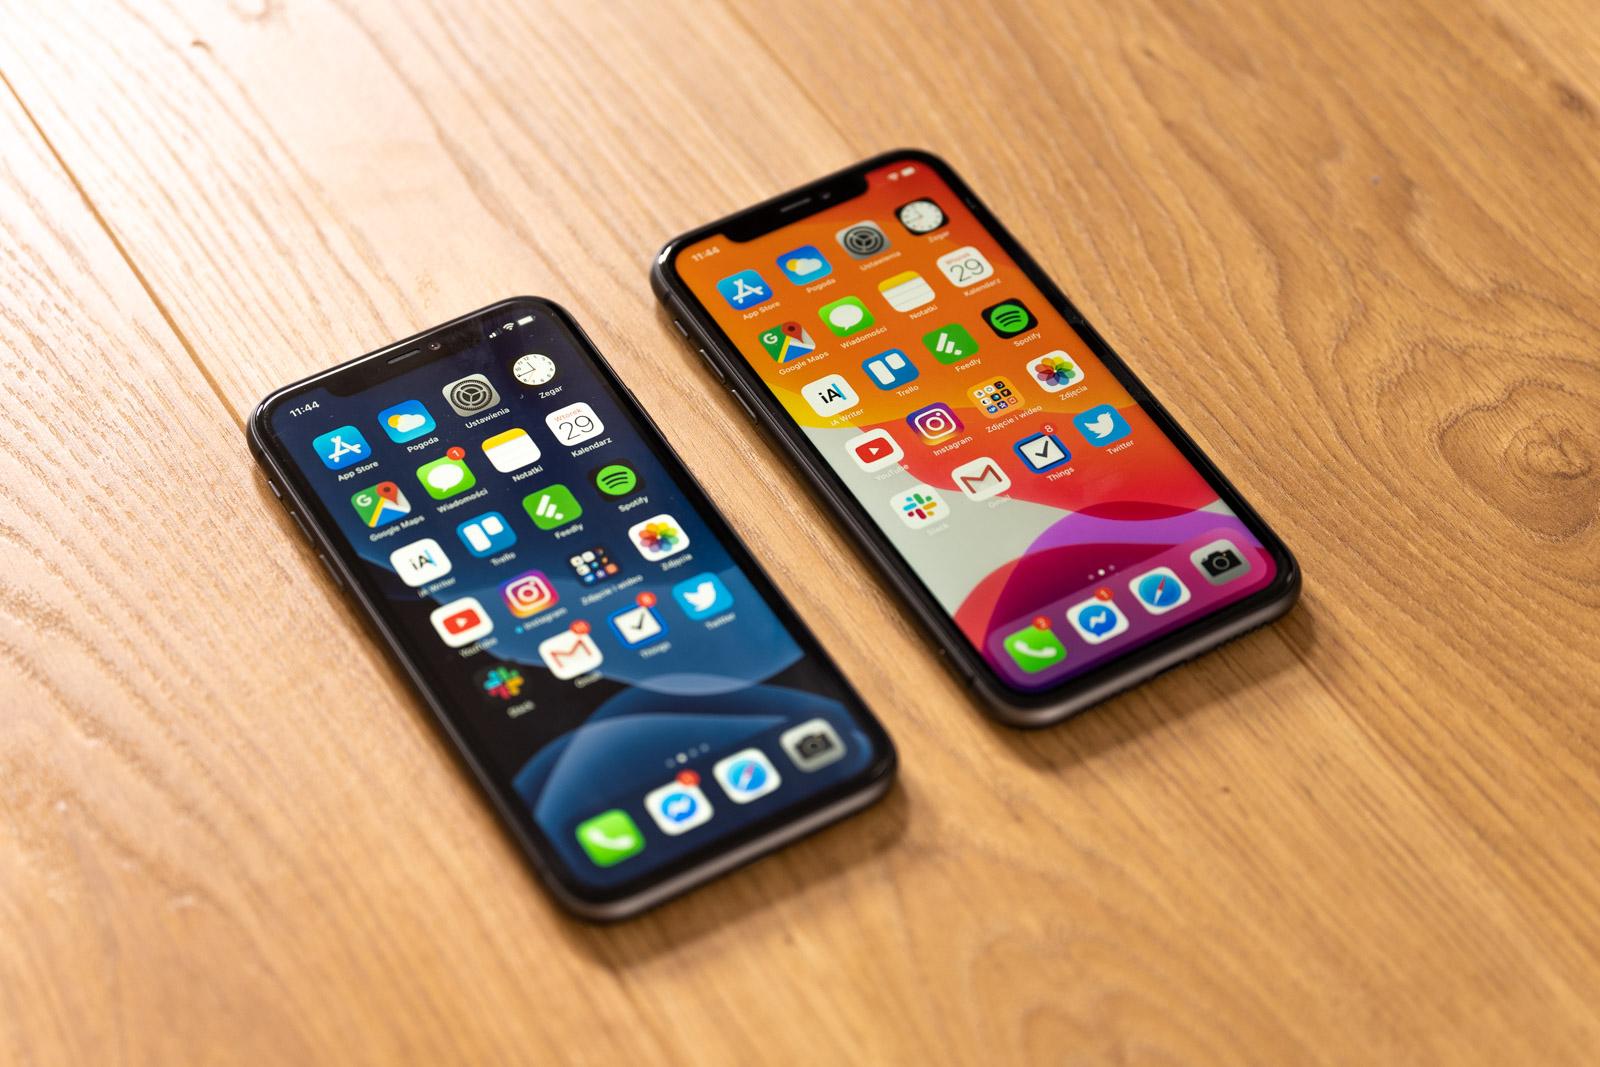 Gabonetarako iPhonea lortu al zenuen?  Egiaztatu aplikazio horiek